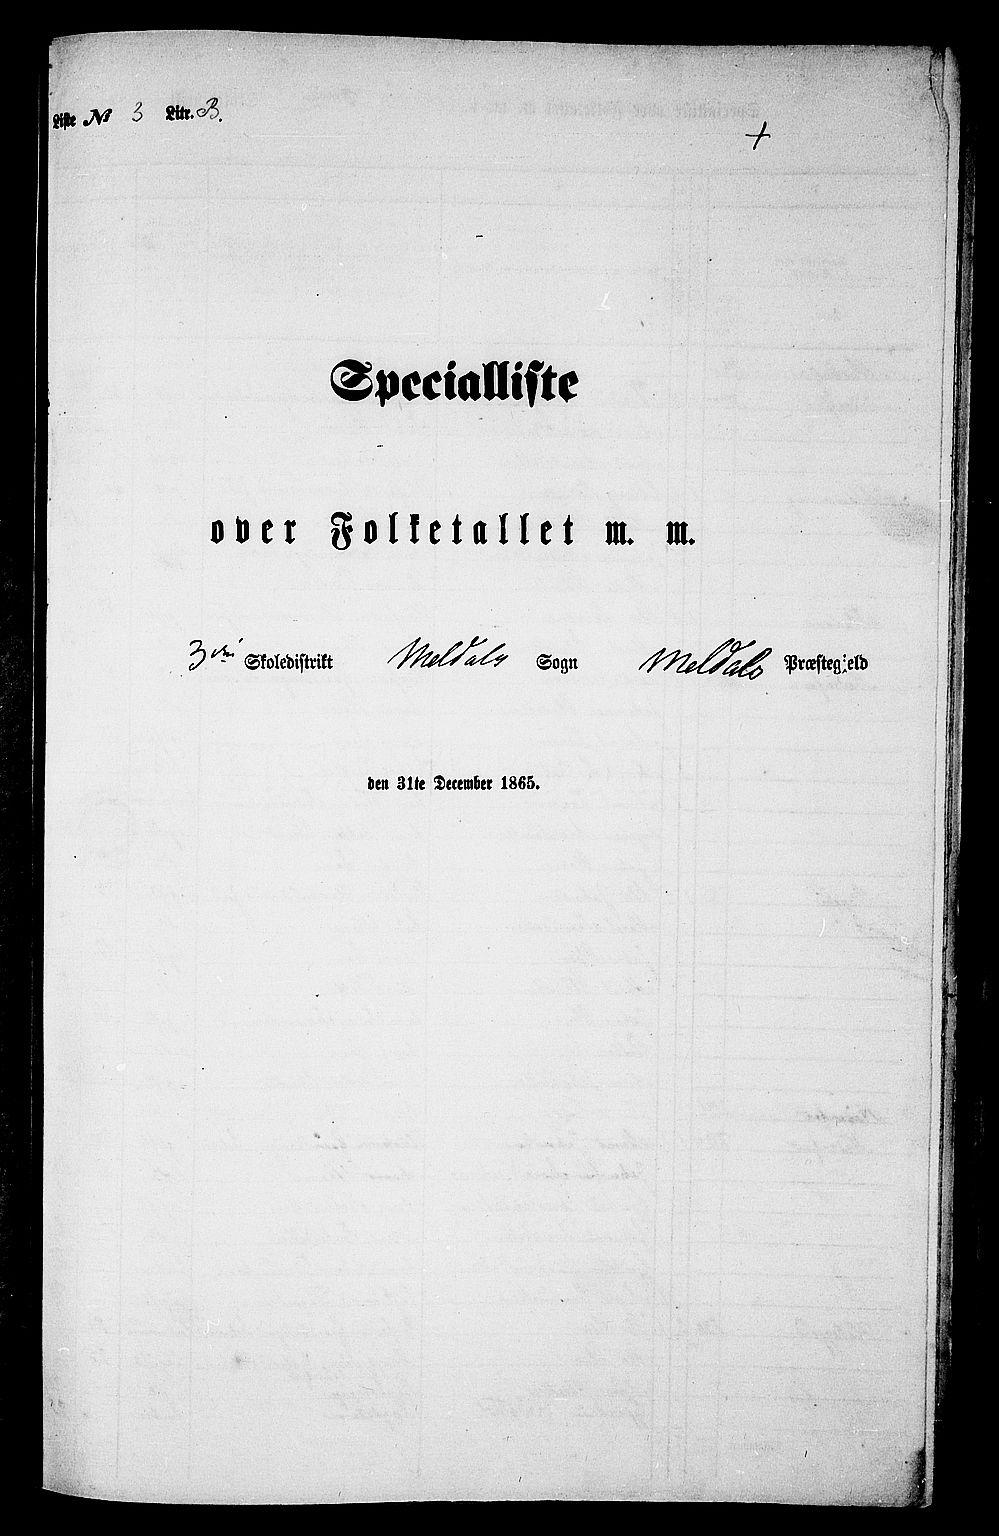 RA, Folketelling 1865 for 1636P Meldal prestegjeld, 1865, s. 80